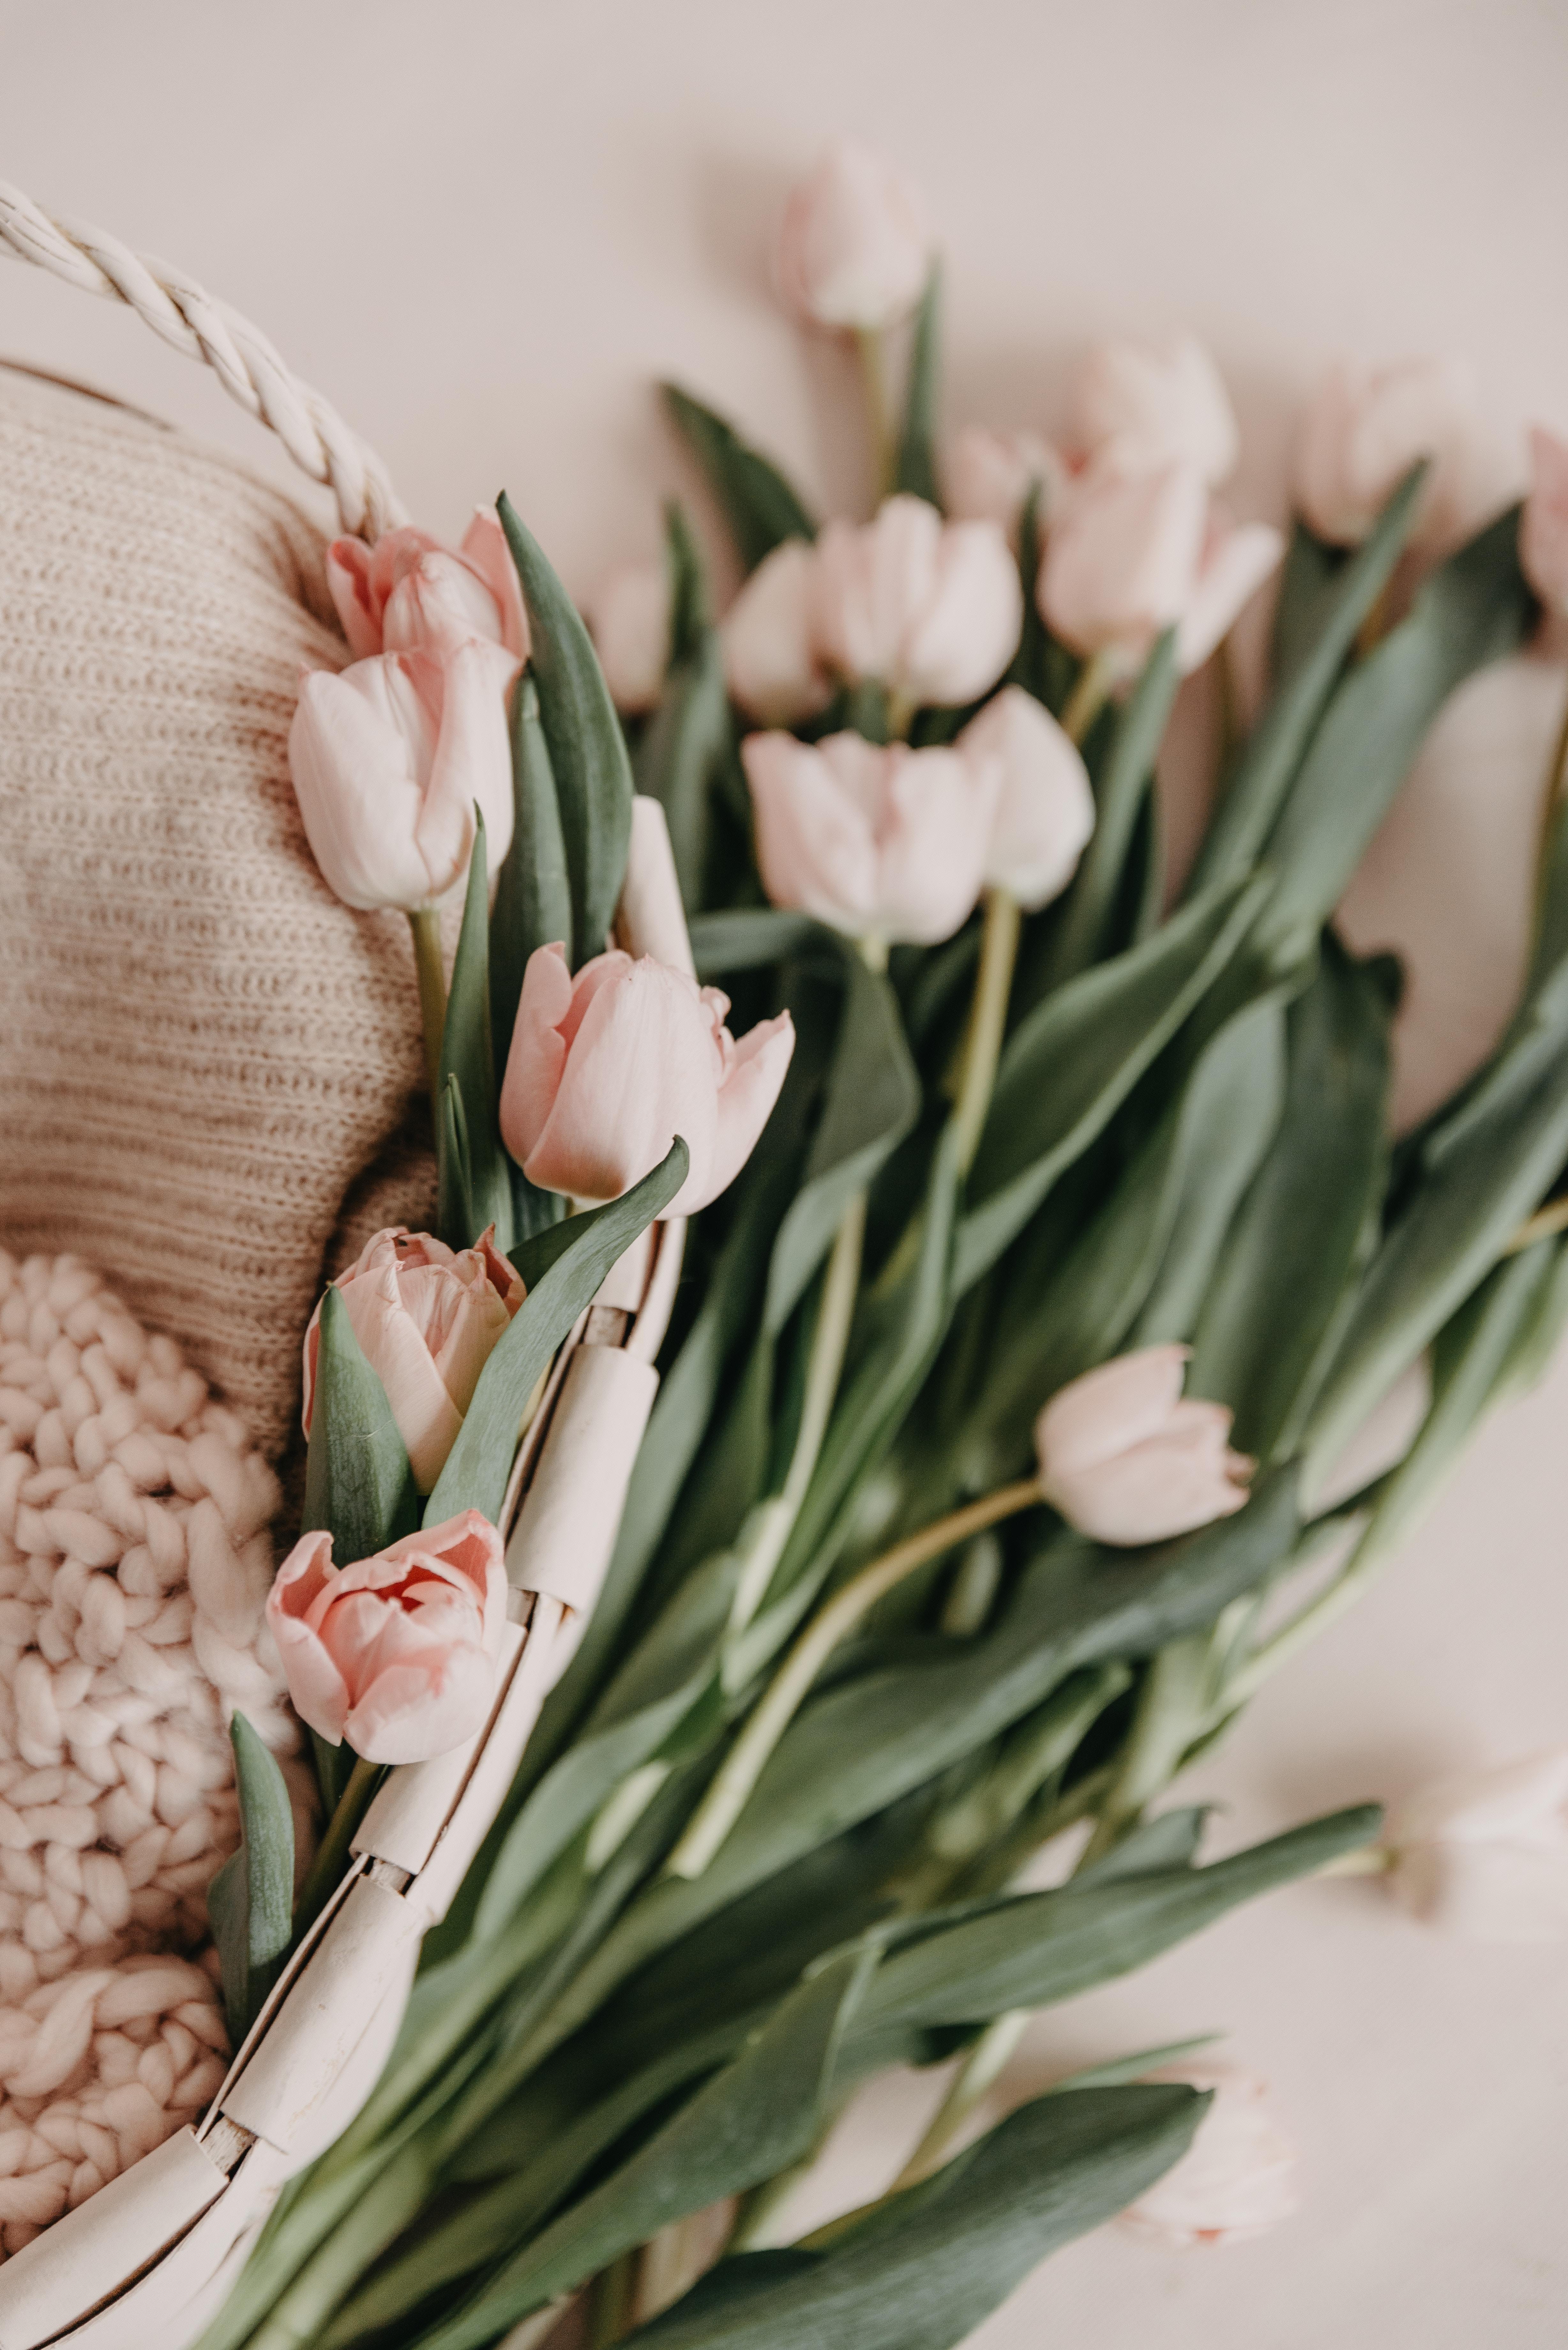 150444 скачать обои Цветы, Букет, Корзинка, Розовые, Весенний, Тюльпаны - заставки и картинки бесплатно